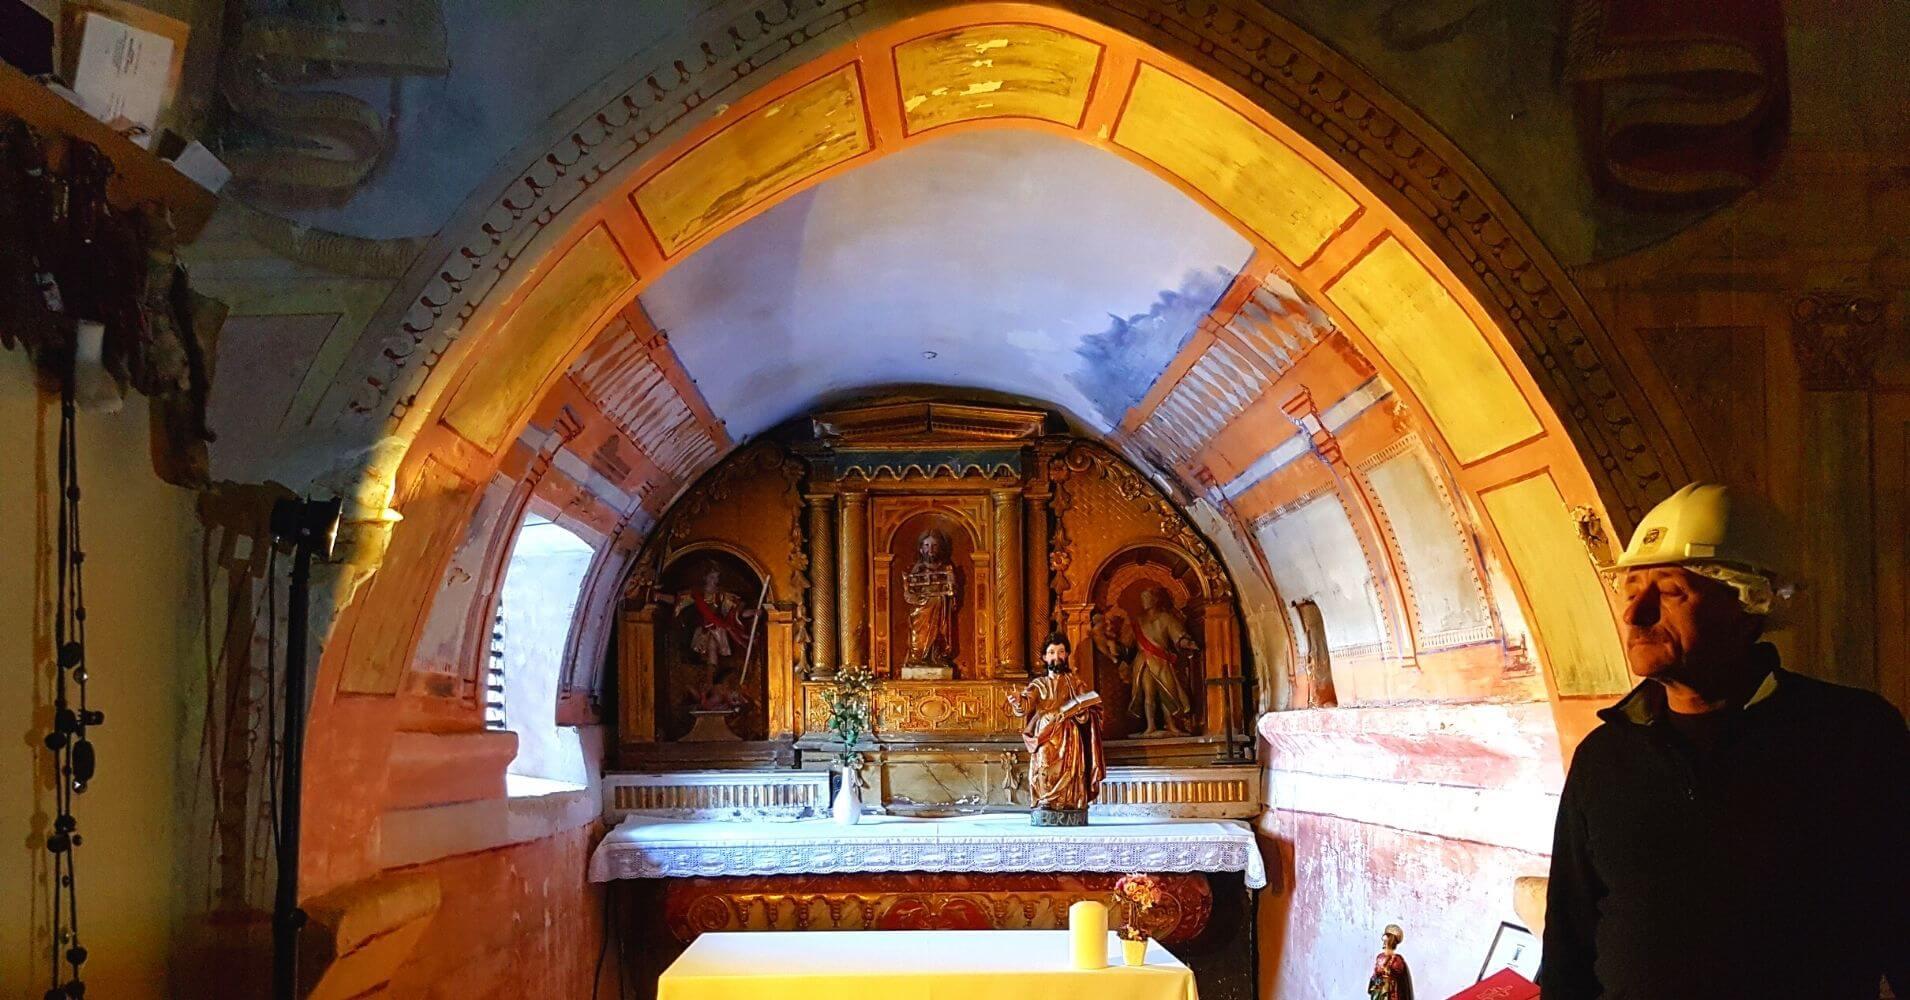 Capilla de la Cueva Ermita de San Bernabé y San Tirso. Las Merindades, Burgos.